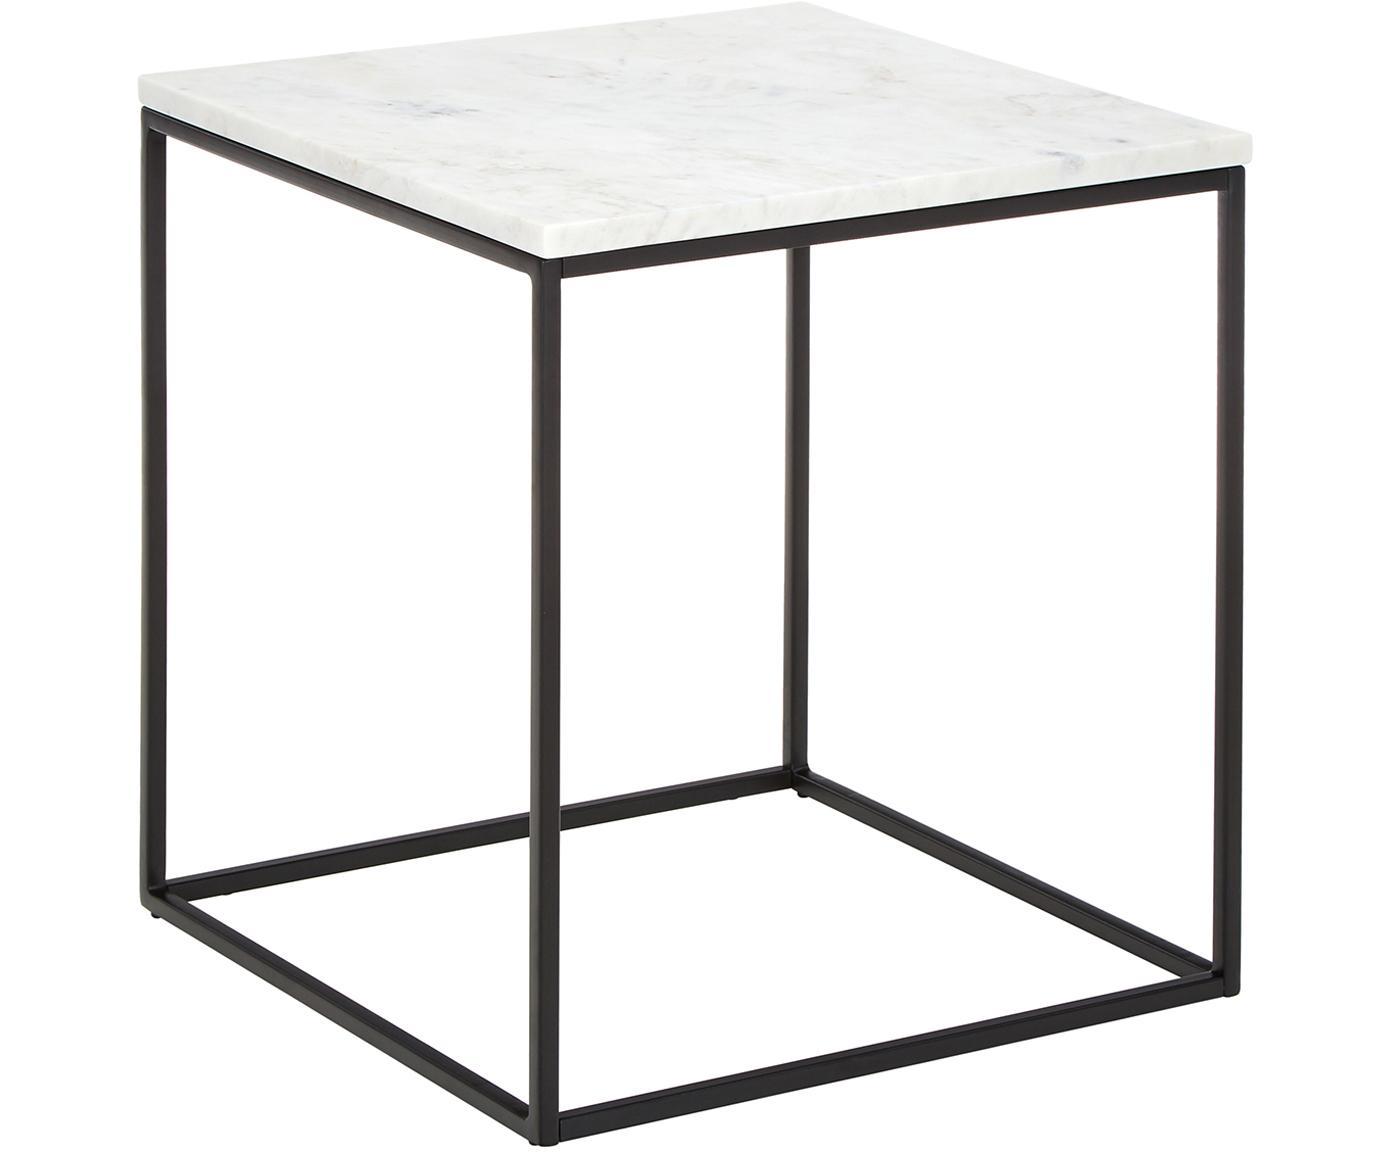 Stolik pomocniczy z marmuru Alys, Blat: marmur, Stelaż: metal malowany proszkowo, Blat: białoszary marmur Stelaż: czarny, matowy, S 45 x W 50 cm